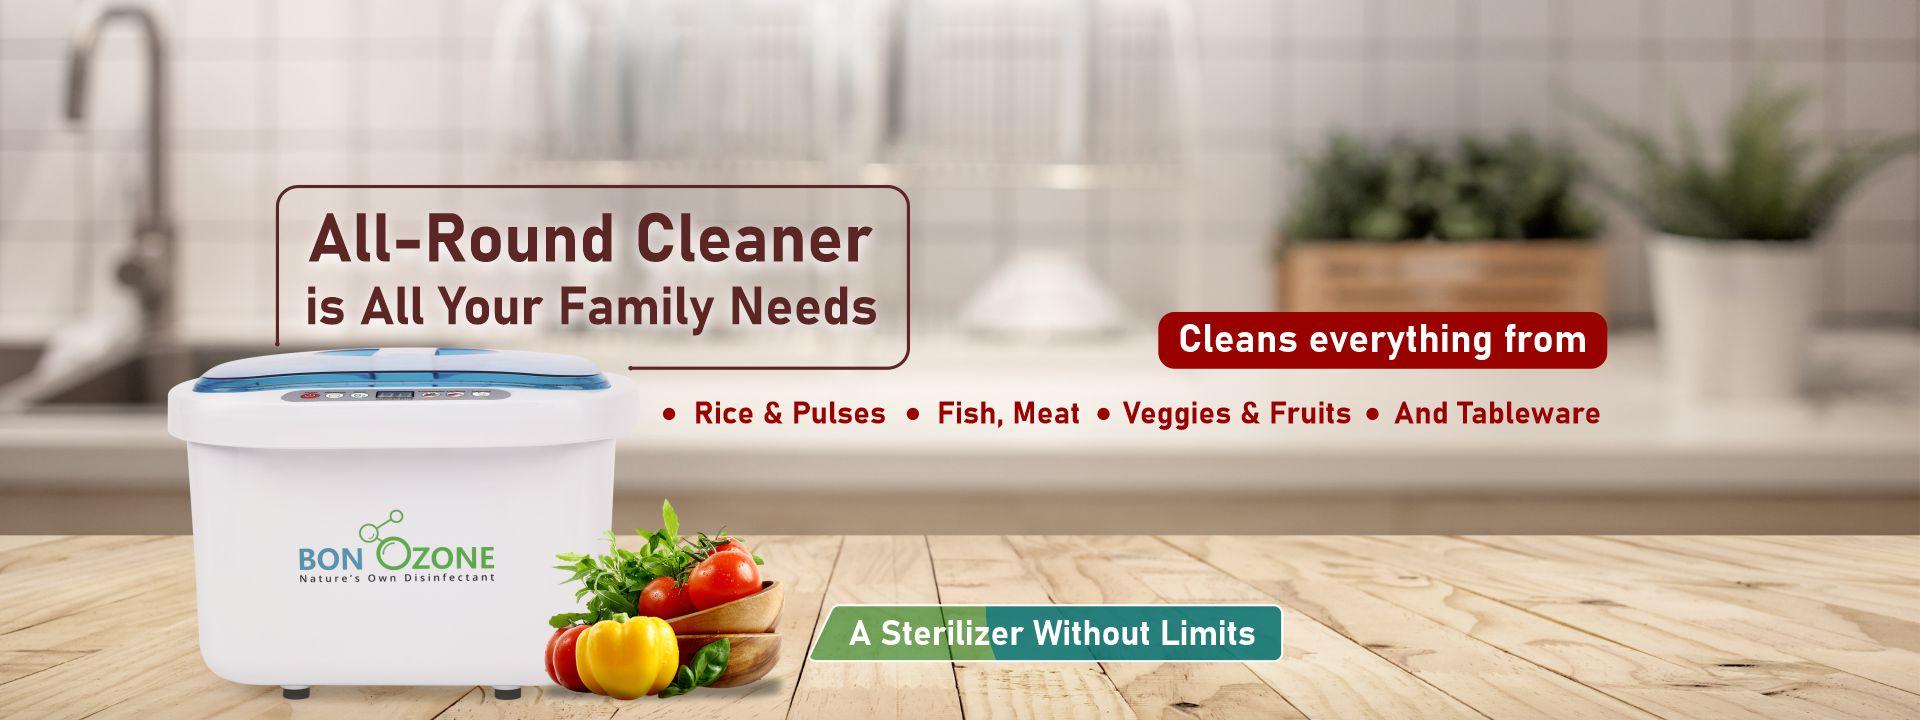 Purifier Elite - All round cleaner